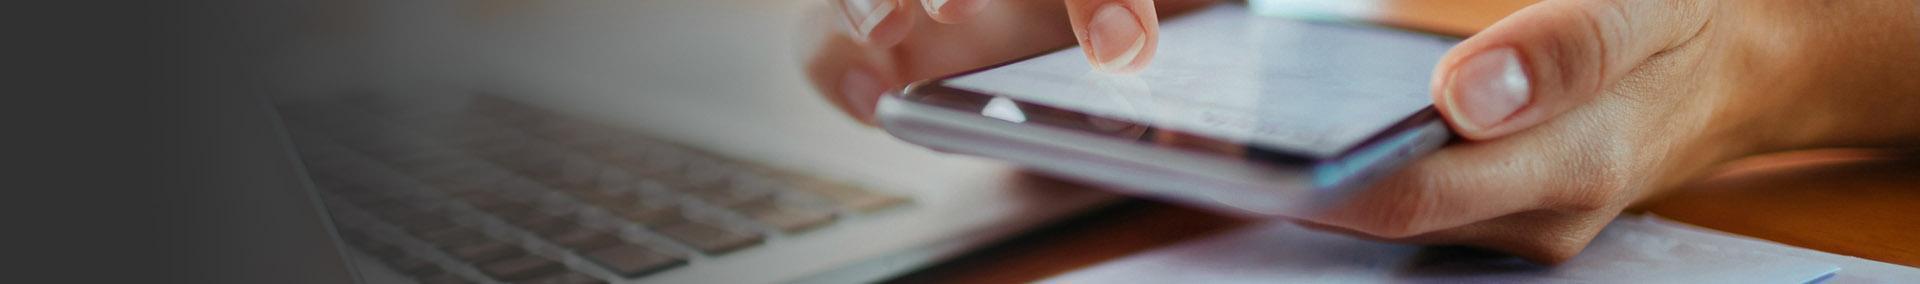 Pisanie wiadomości na telefonie